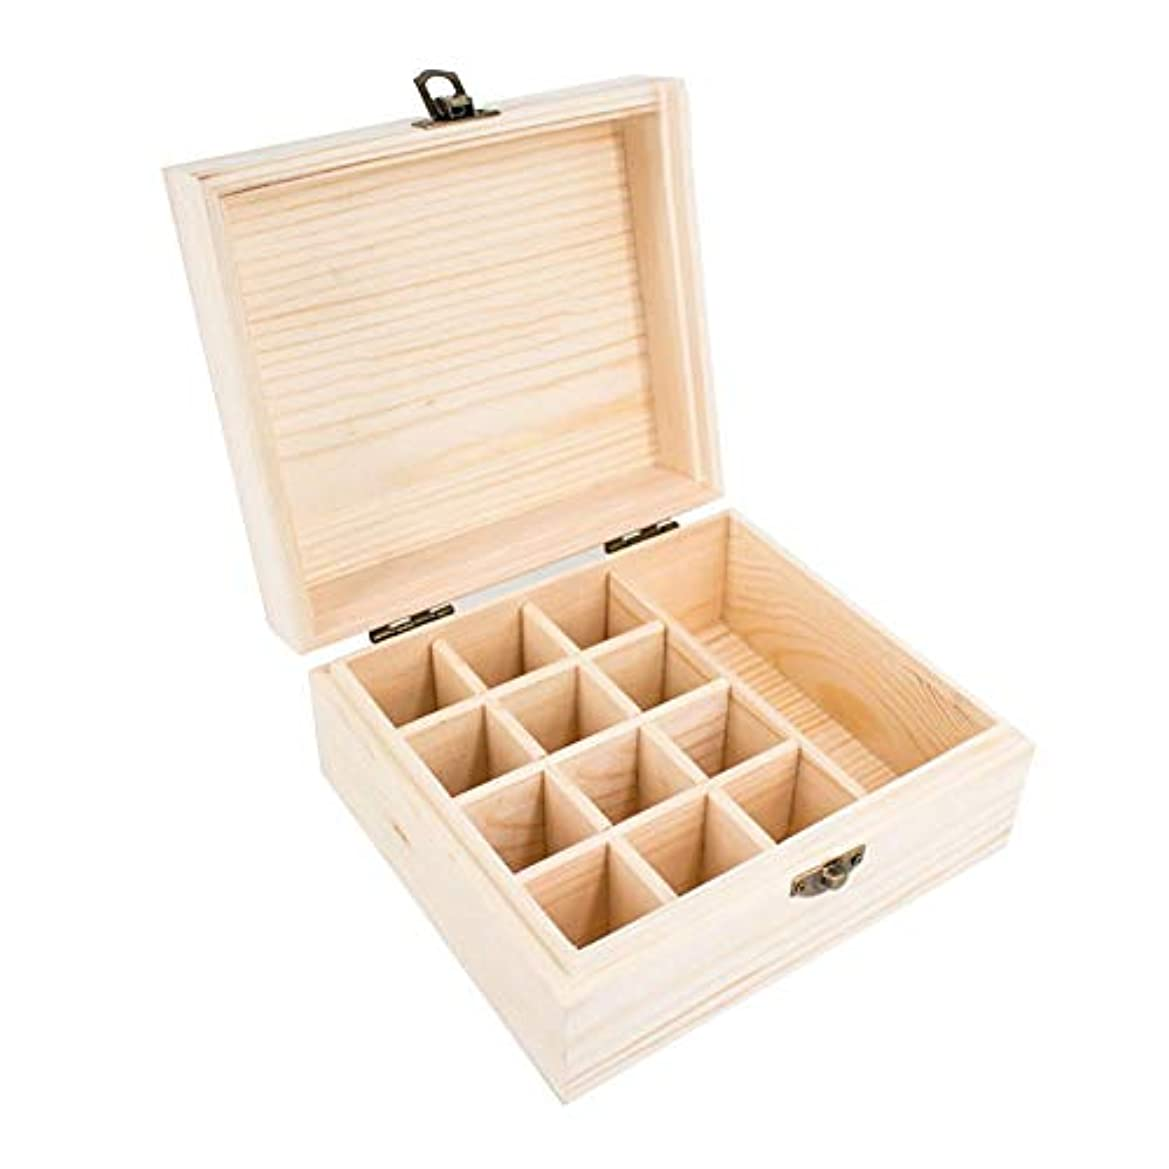 さまよう画家変化精油収納ボックス エッセンシャルオイル収納ケース 小容量 13本収納可能 木製 環境に優しい 5ml?10ml?15ml?115mlの精油ボルトに対応 junexi